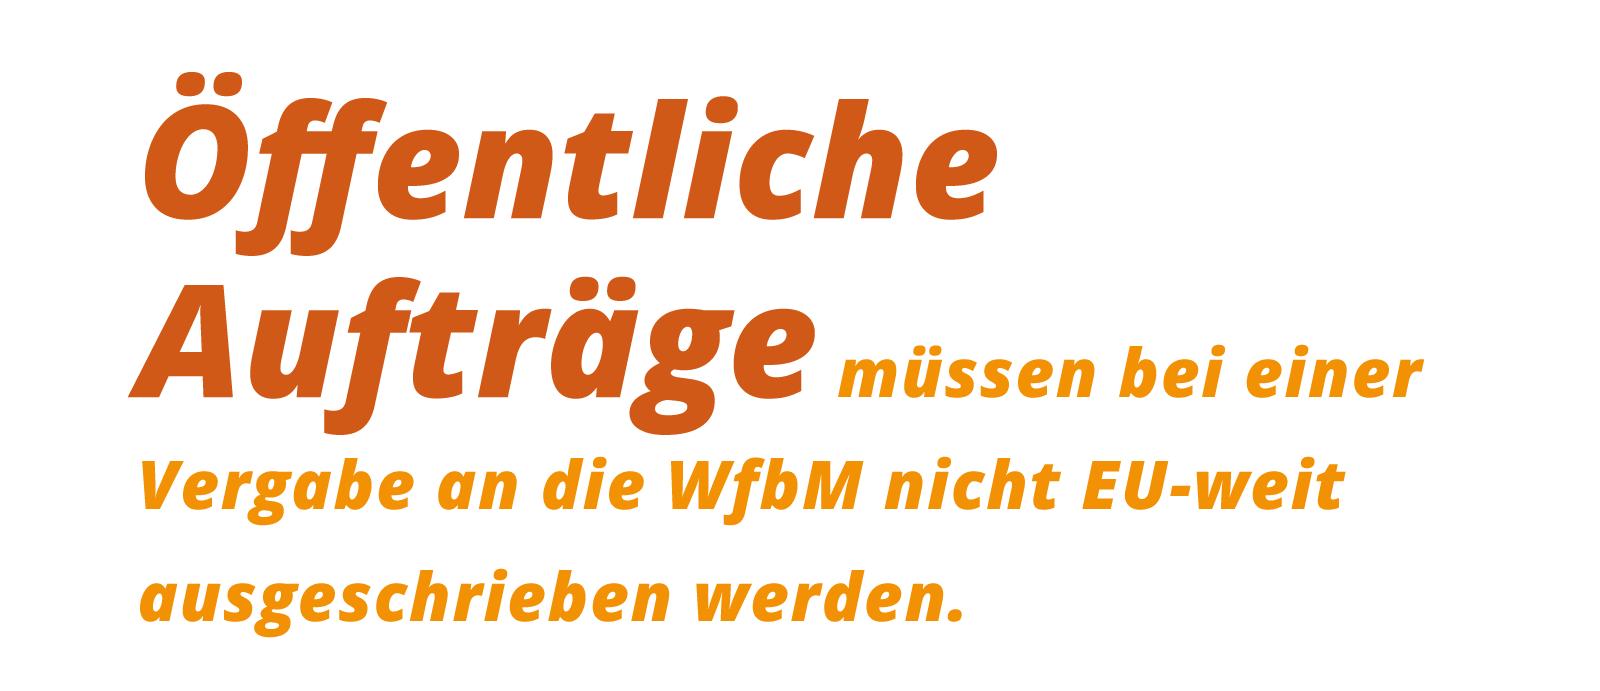 Grafik: Öffentliche Aufträge müssen bei einer Vergabe an die WfbM nicht EU-weit ausgeschrieben werden.